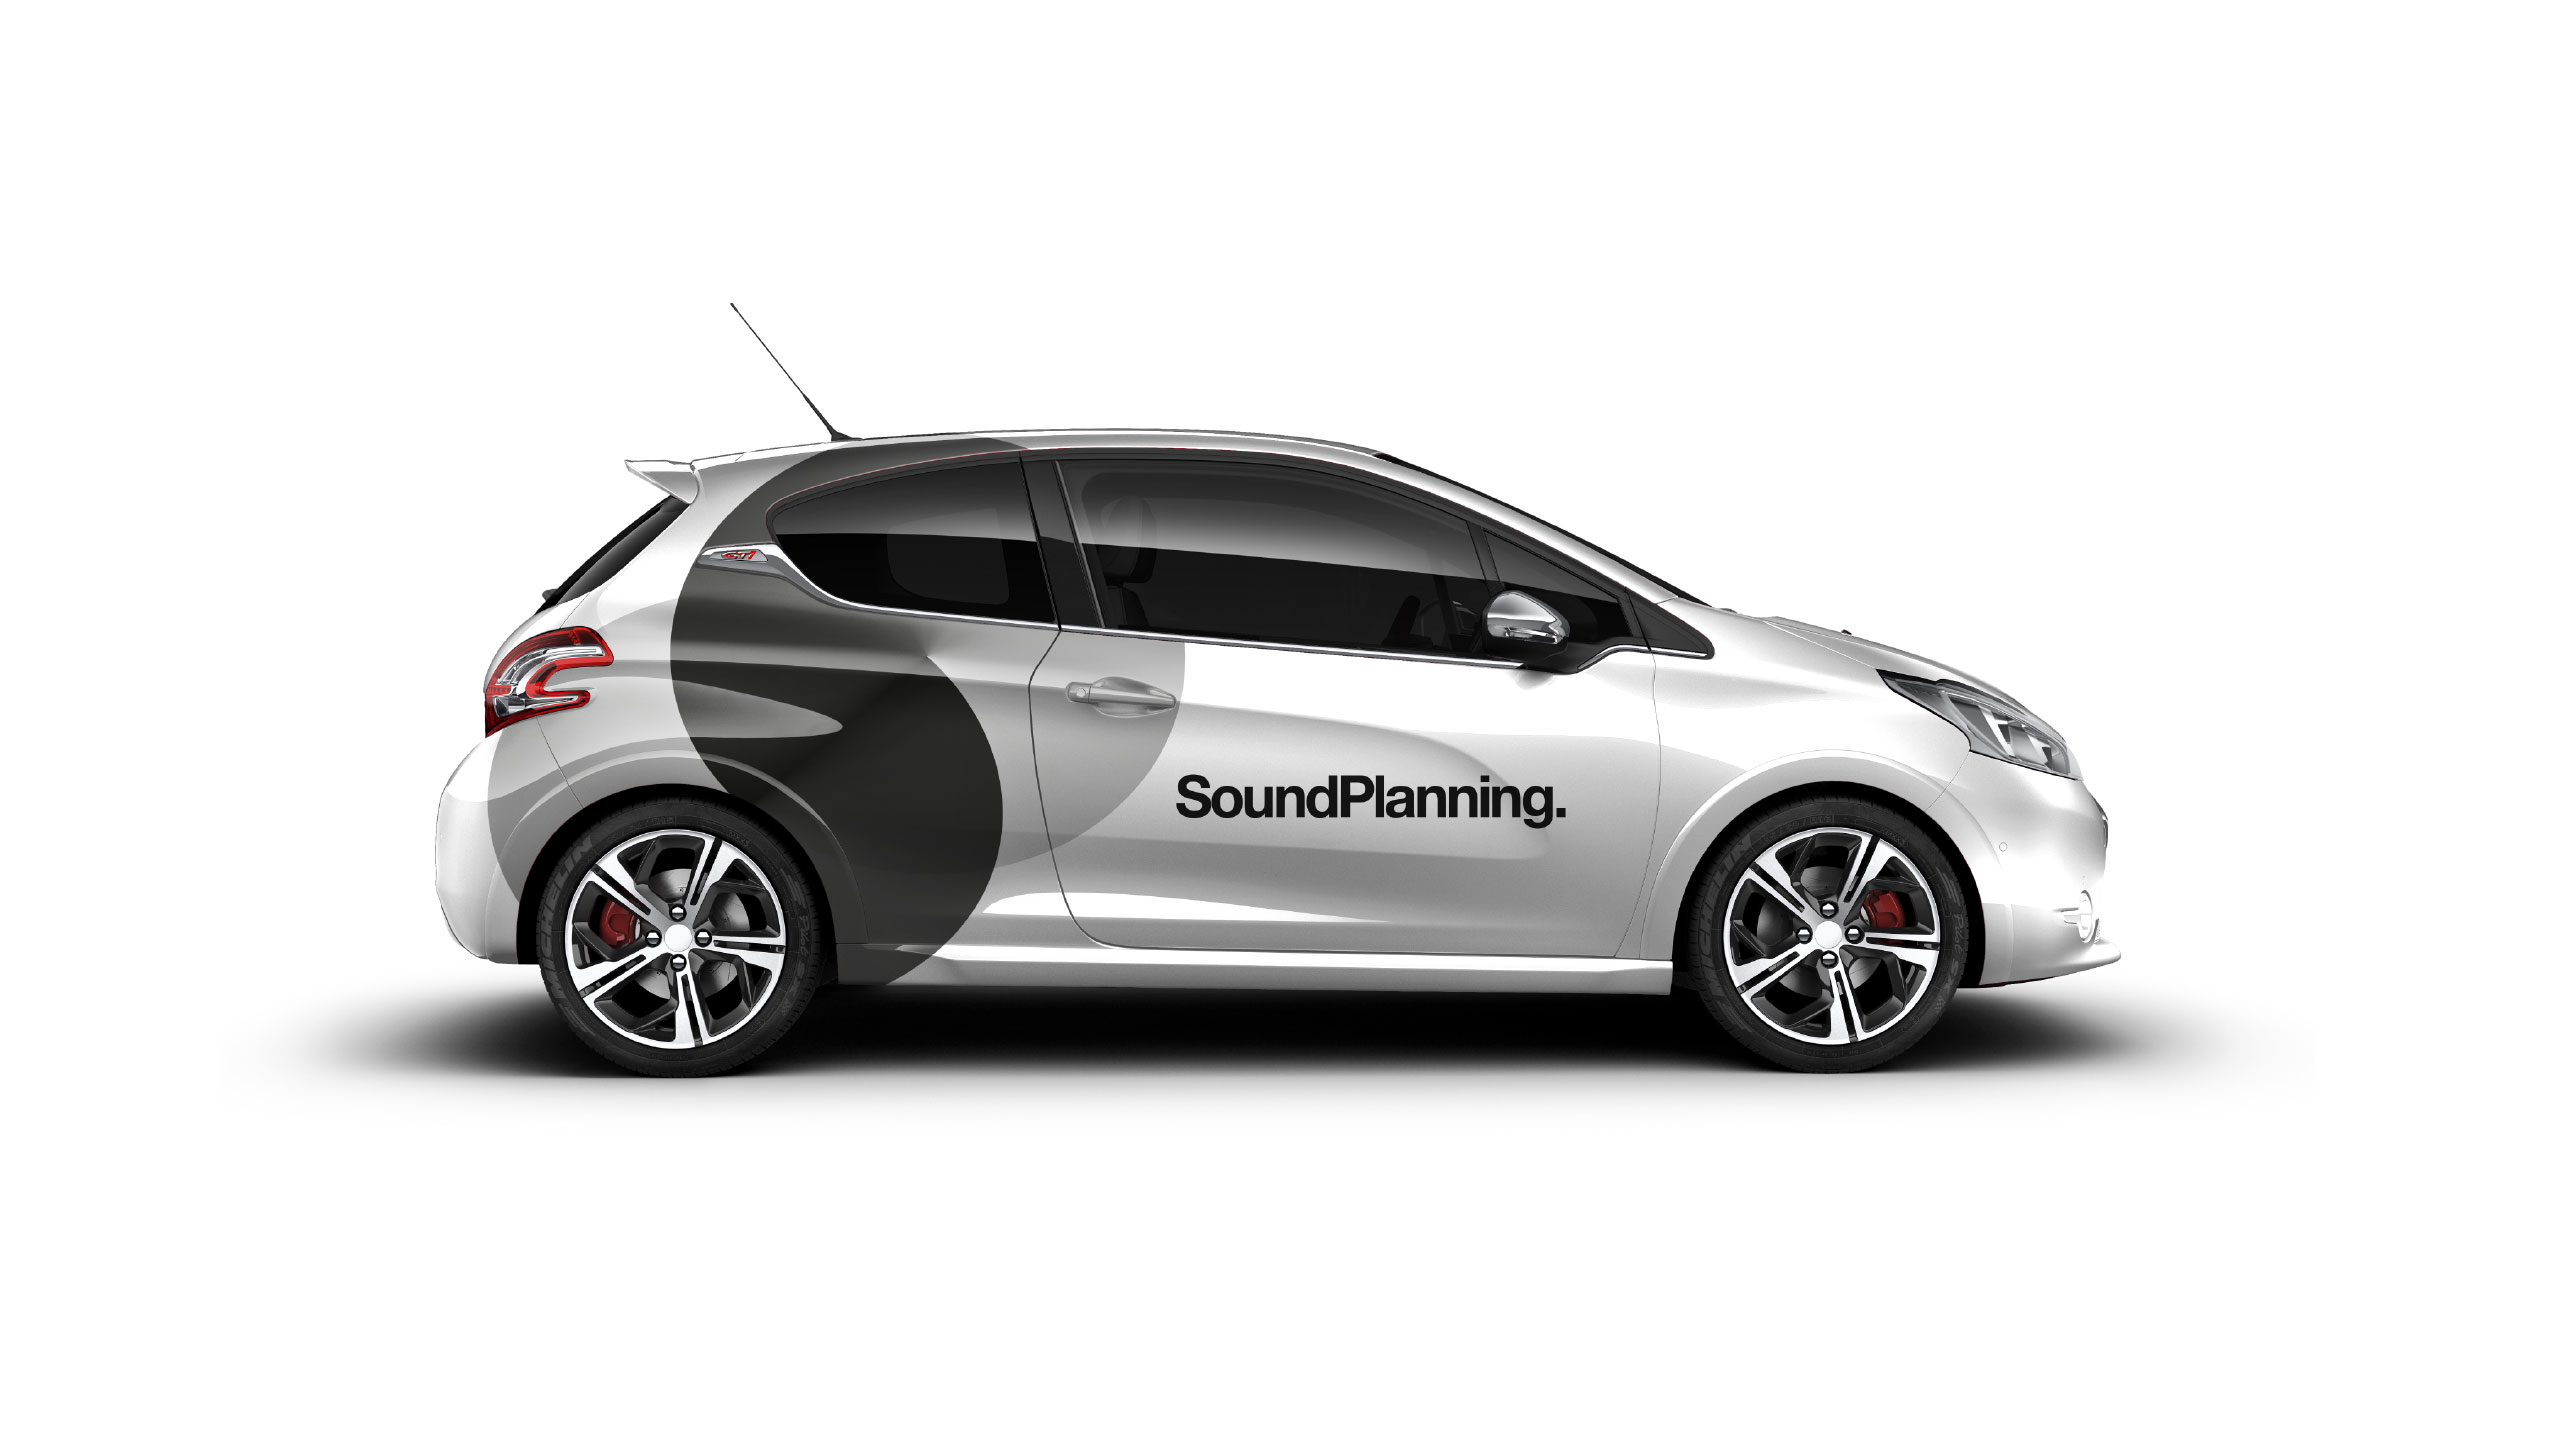 sp_car